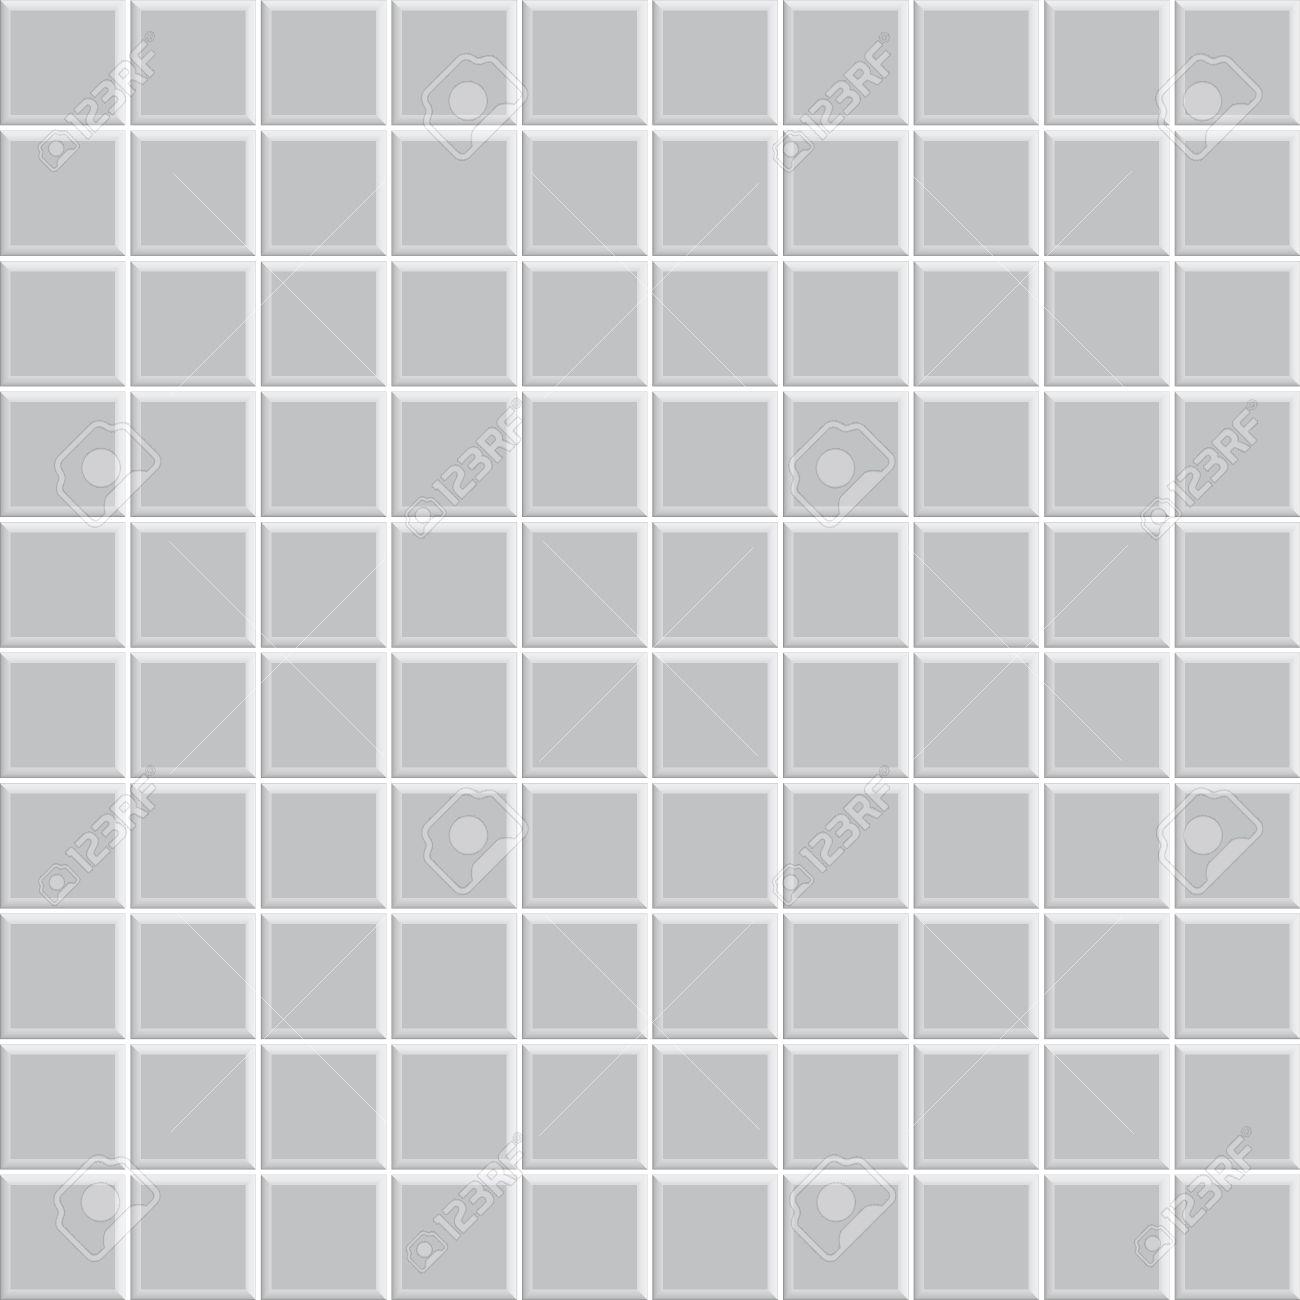 archivio fotografico piastrella quadrata grigio texture di parete e pavimento di piastrelle di bagno interno piscina cucina vettore